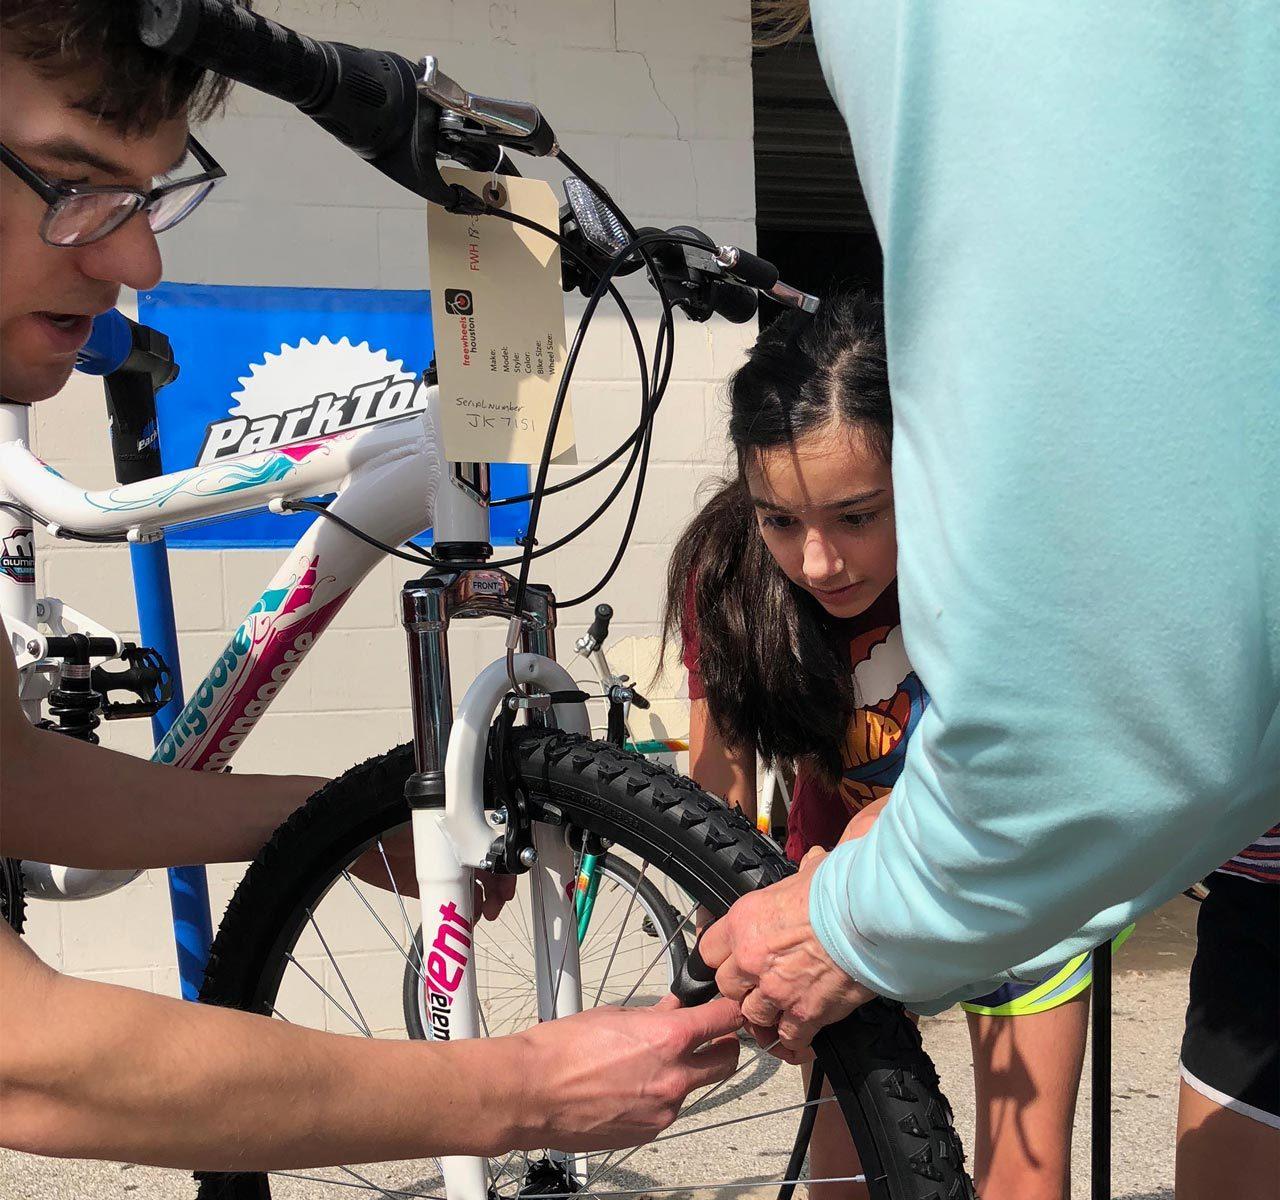 Community grant winners, freewheels, fixing up a bike